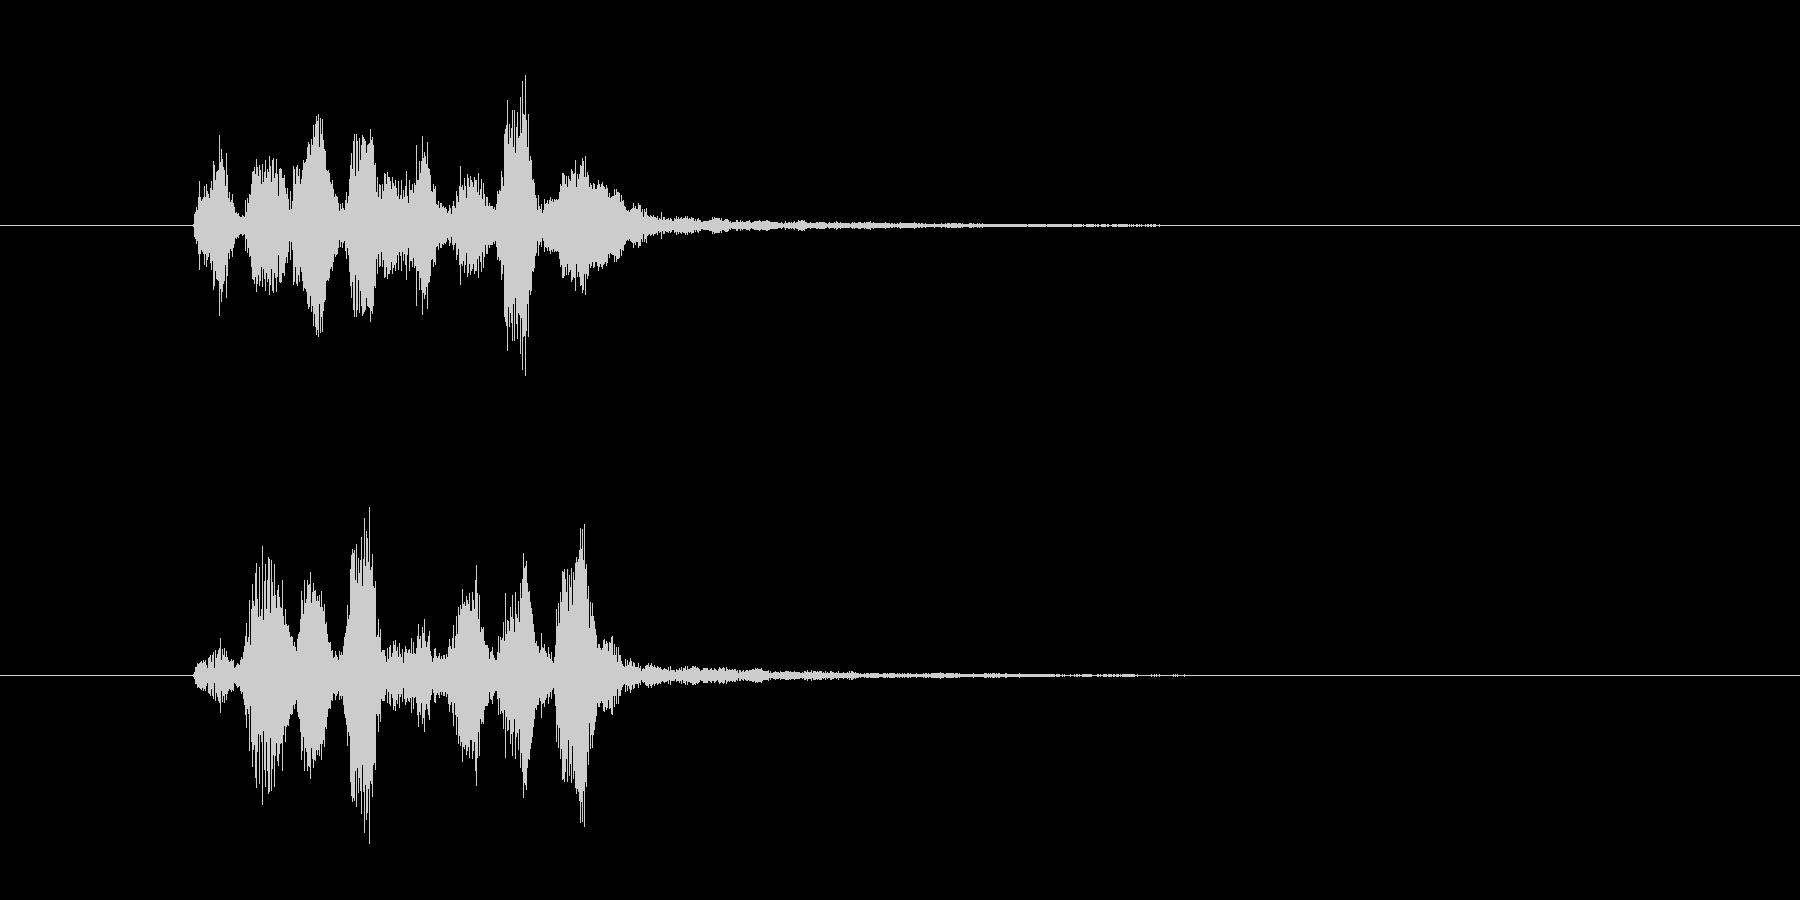 電子音のファンファーレ(決定音、効果音)の未再生の波形